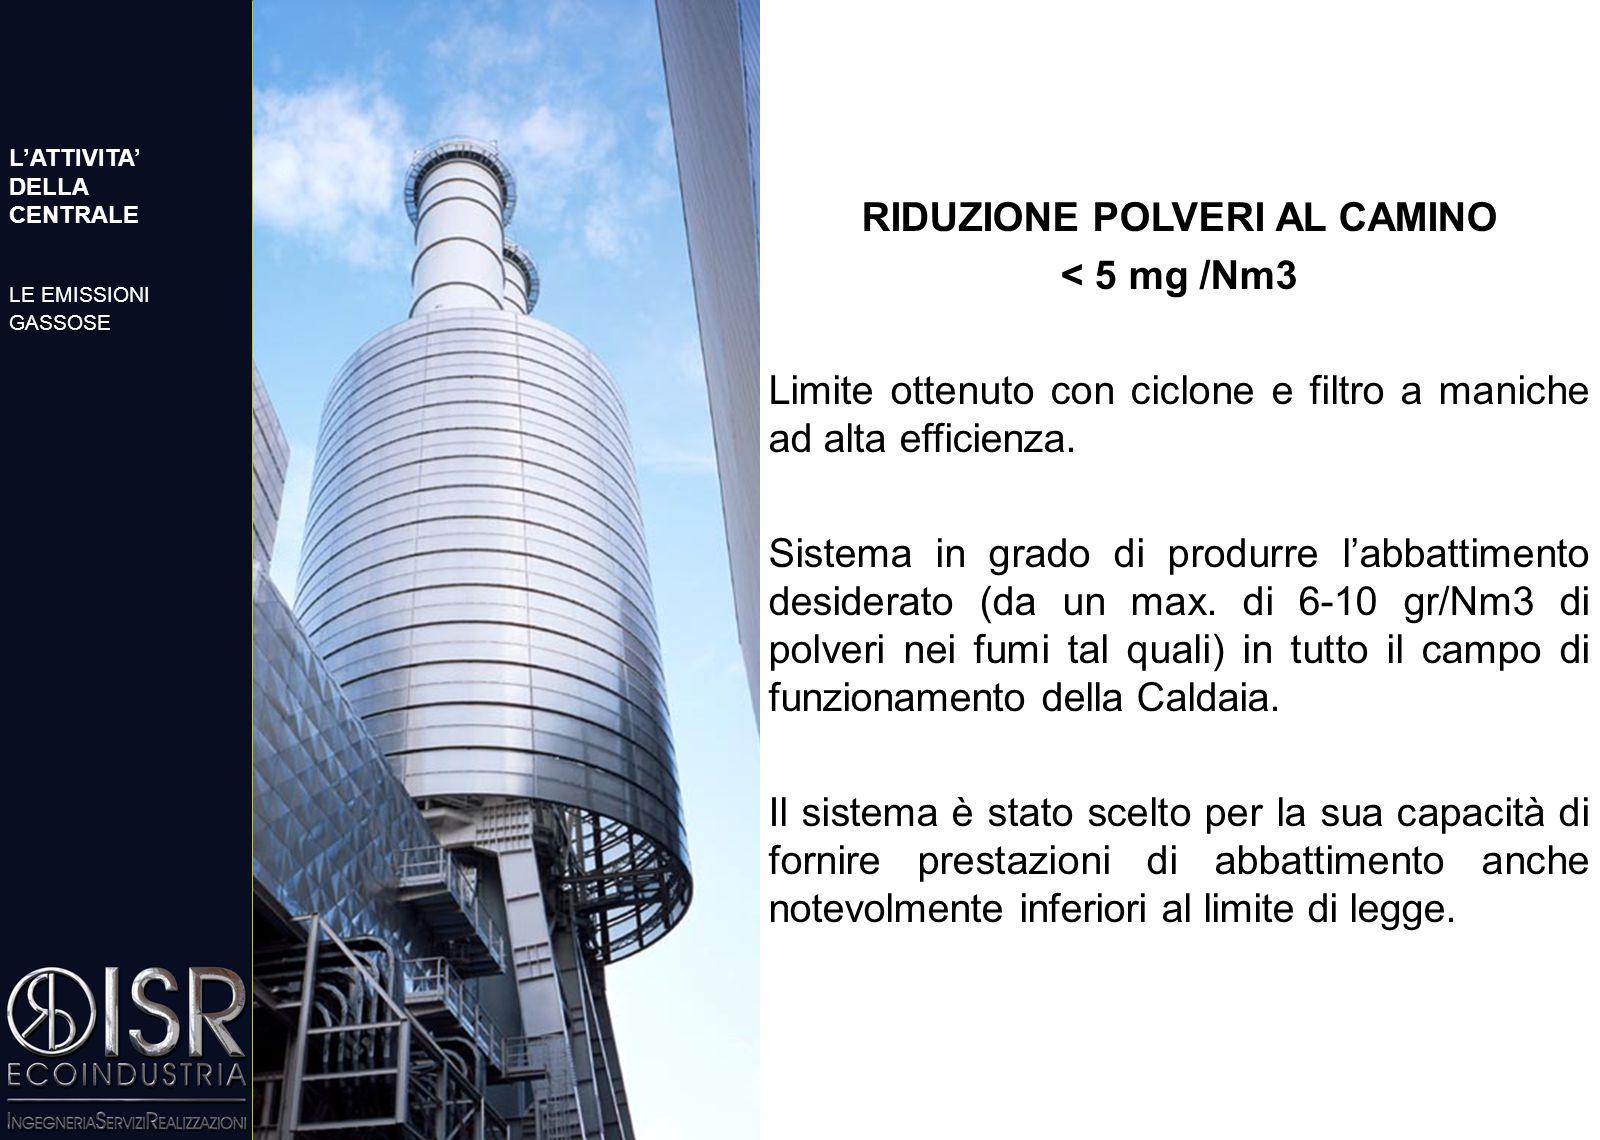 RIDUZIONE POLVERI AL CAMINO < 5 mg /Nm3 Limite ottenuto con ciclone e filtro a maniche ad alta efficienza.